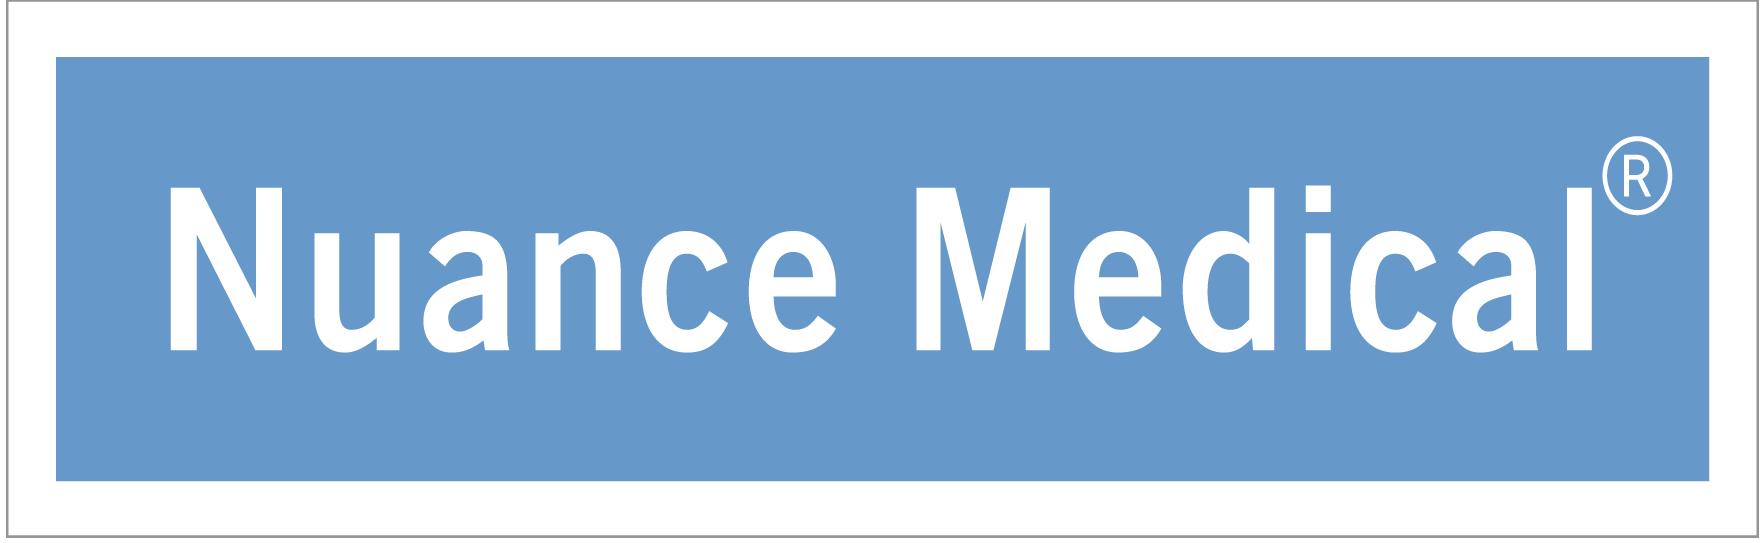 Nuance Medical Logo